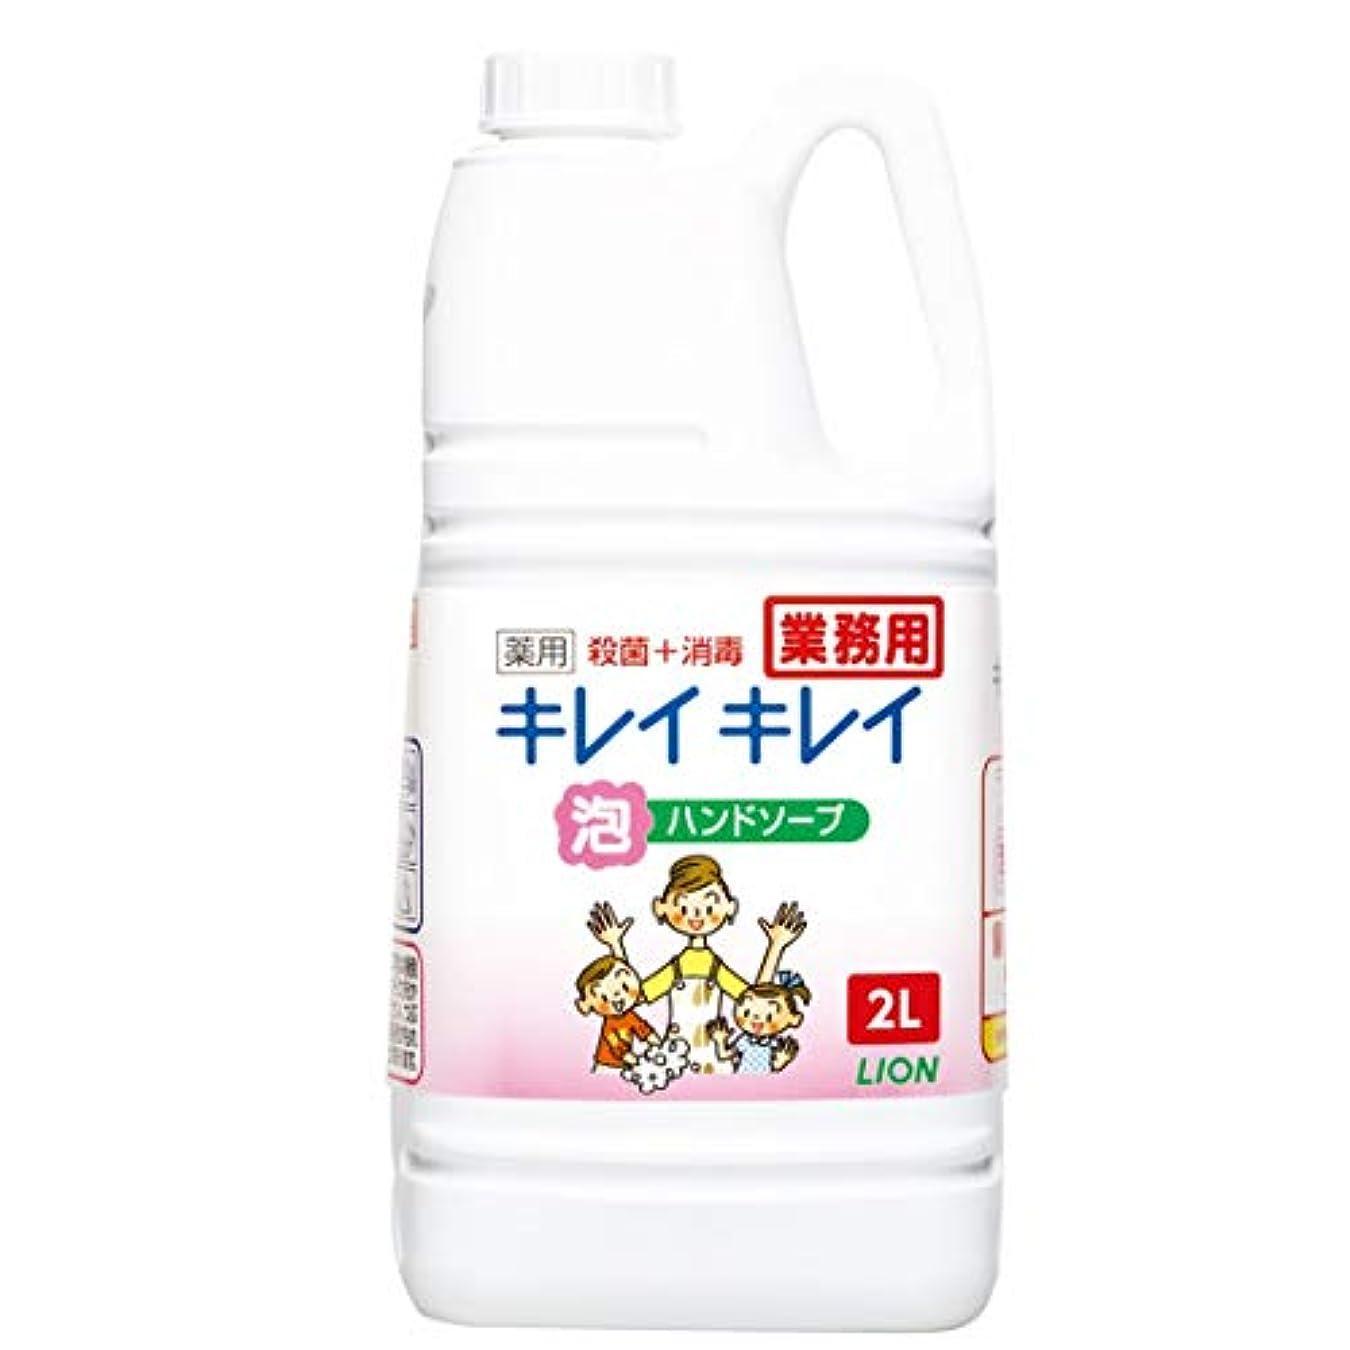 予測するホステルセットする【業務用 大容量】キレイキレイ 薬用 泡ハンドソープ シトラスフルーティの香り 2L(医薬部外品)